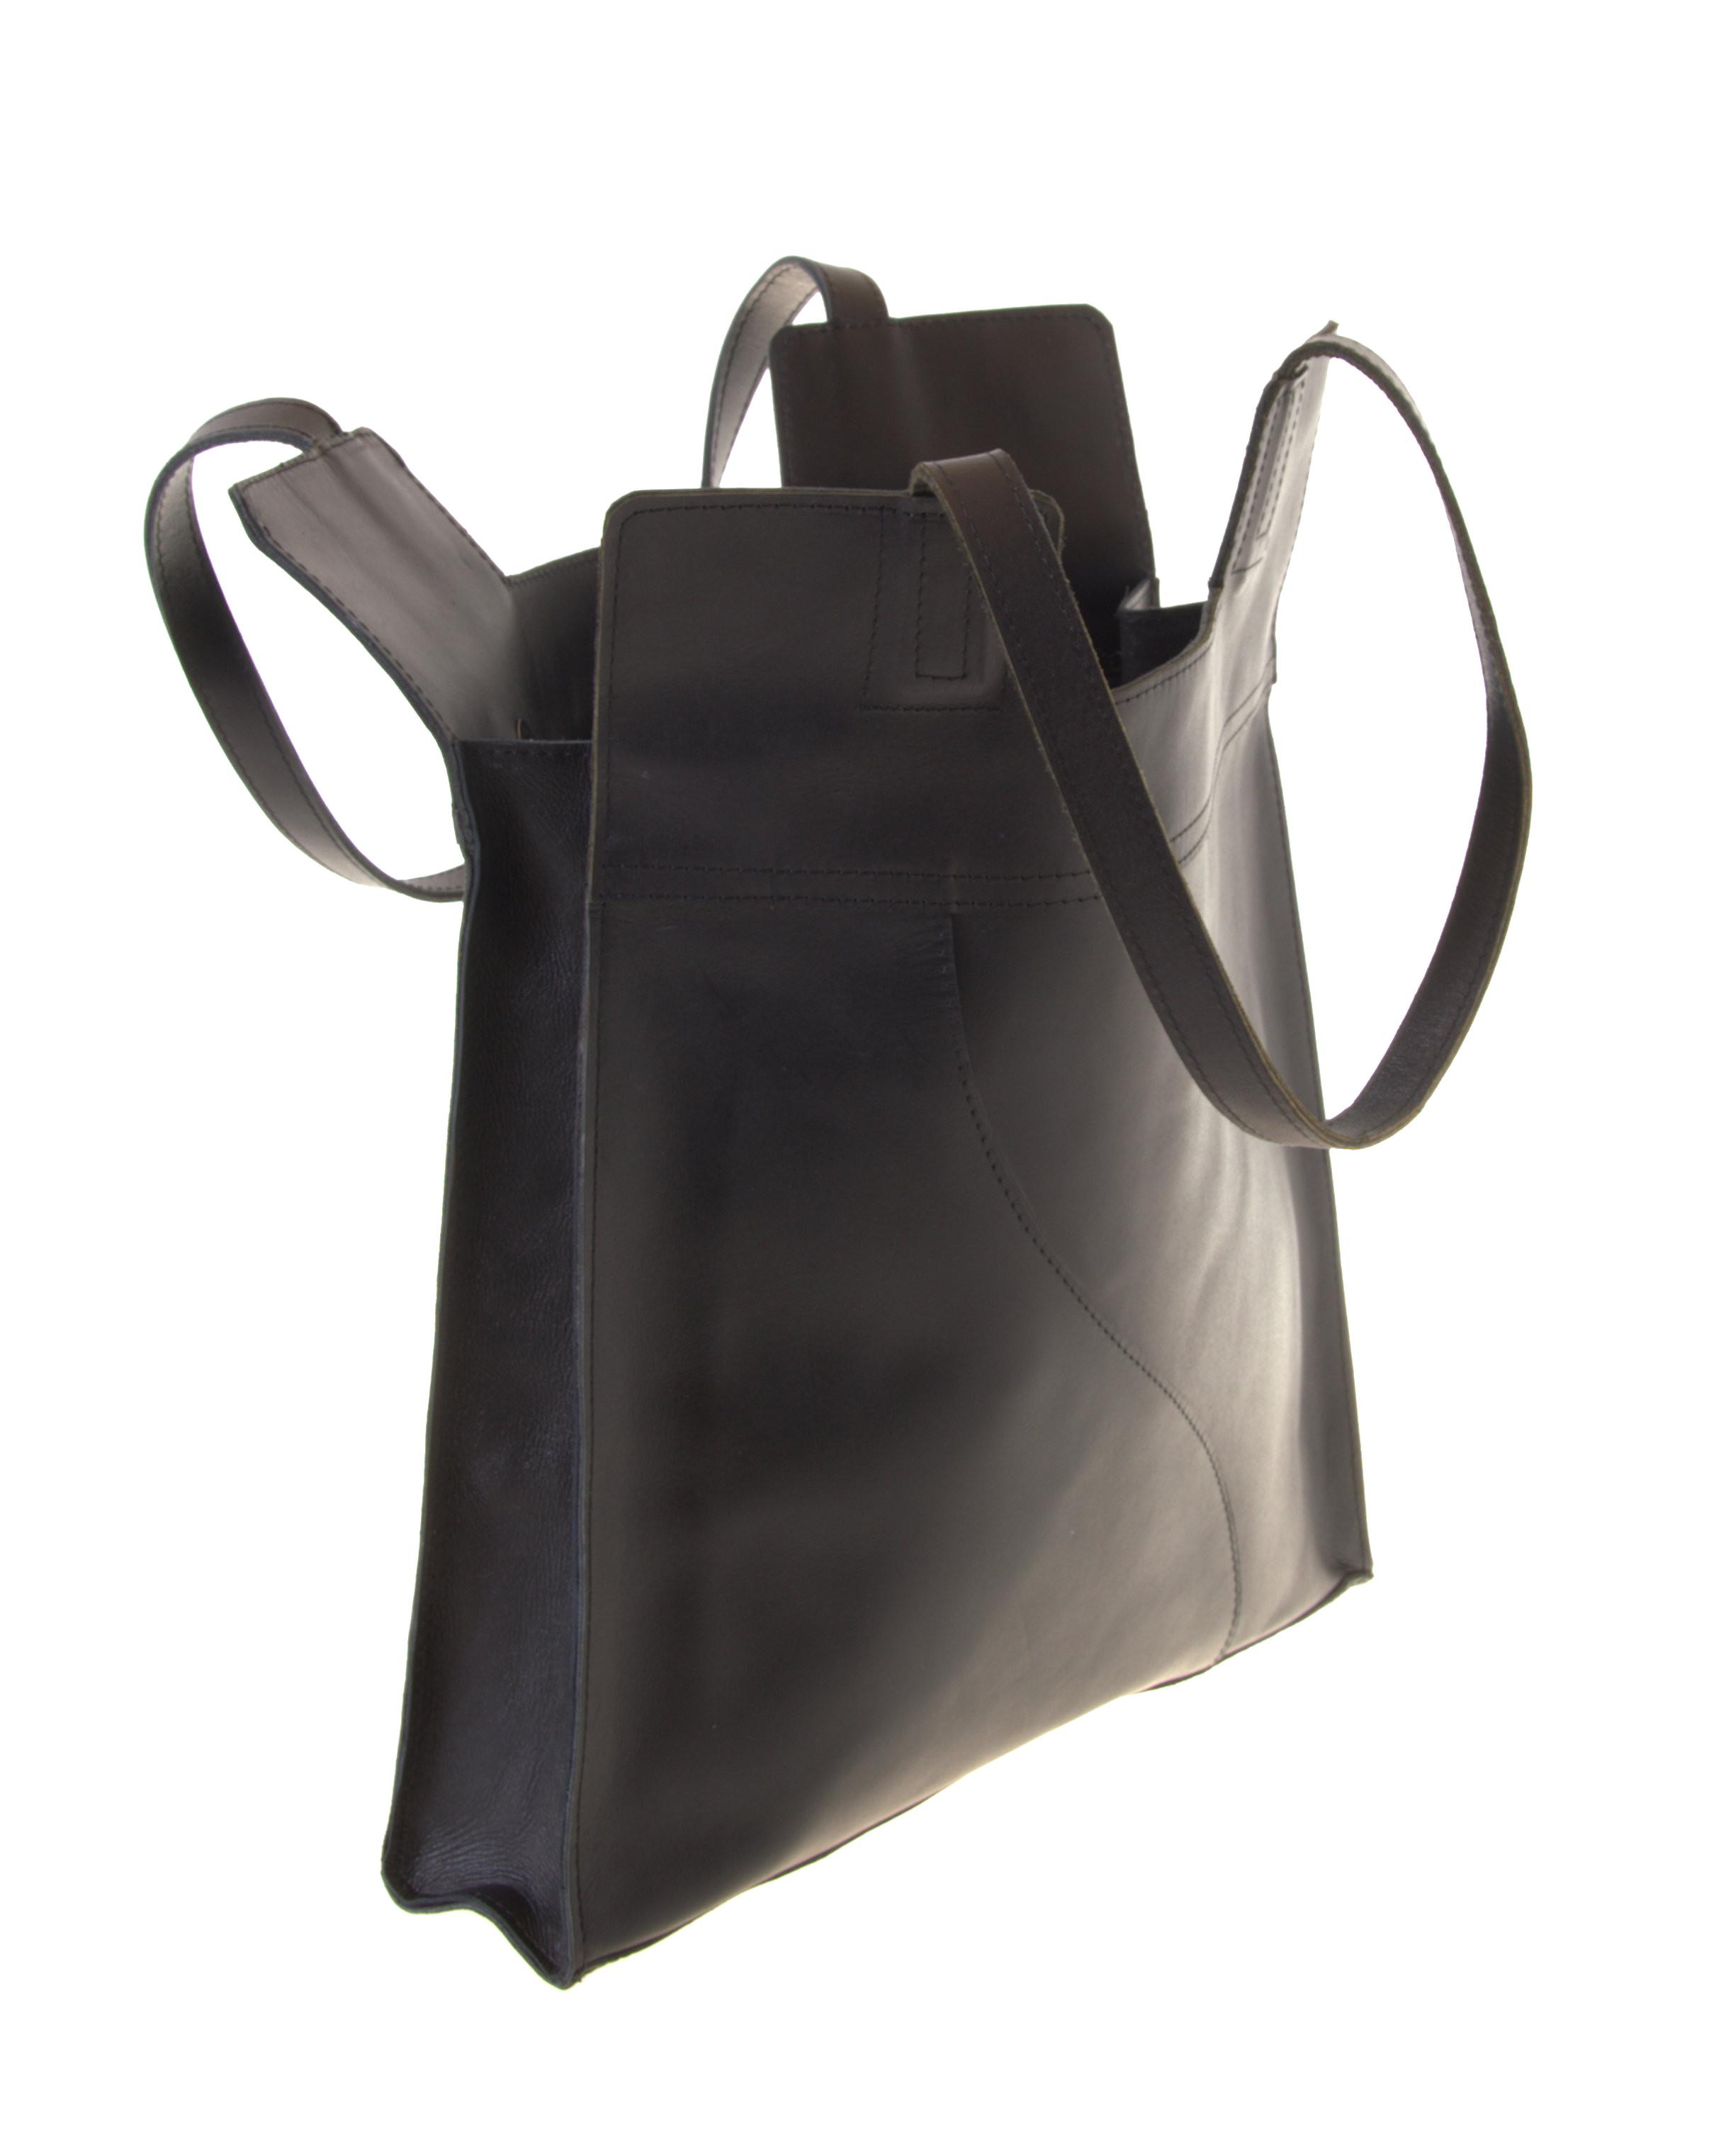 Einkaufstasche Kuhleder Shopper Schultertasche